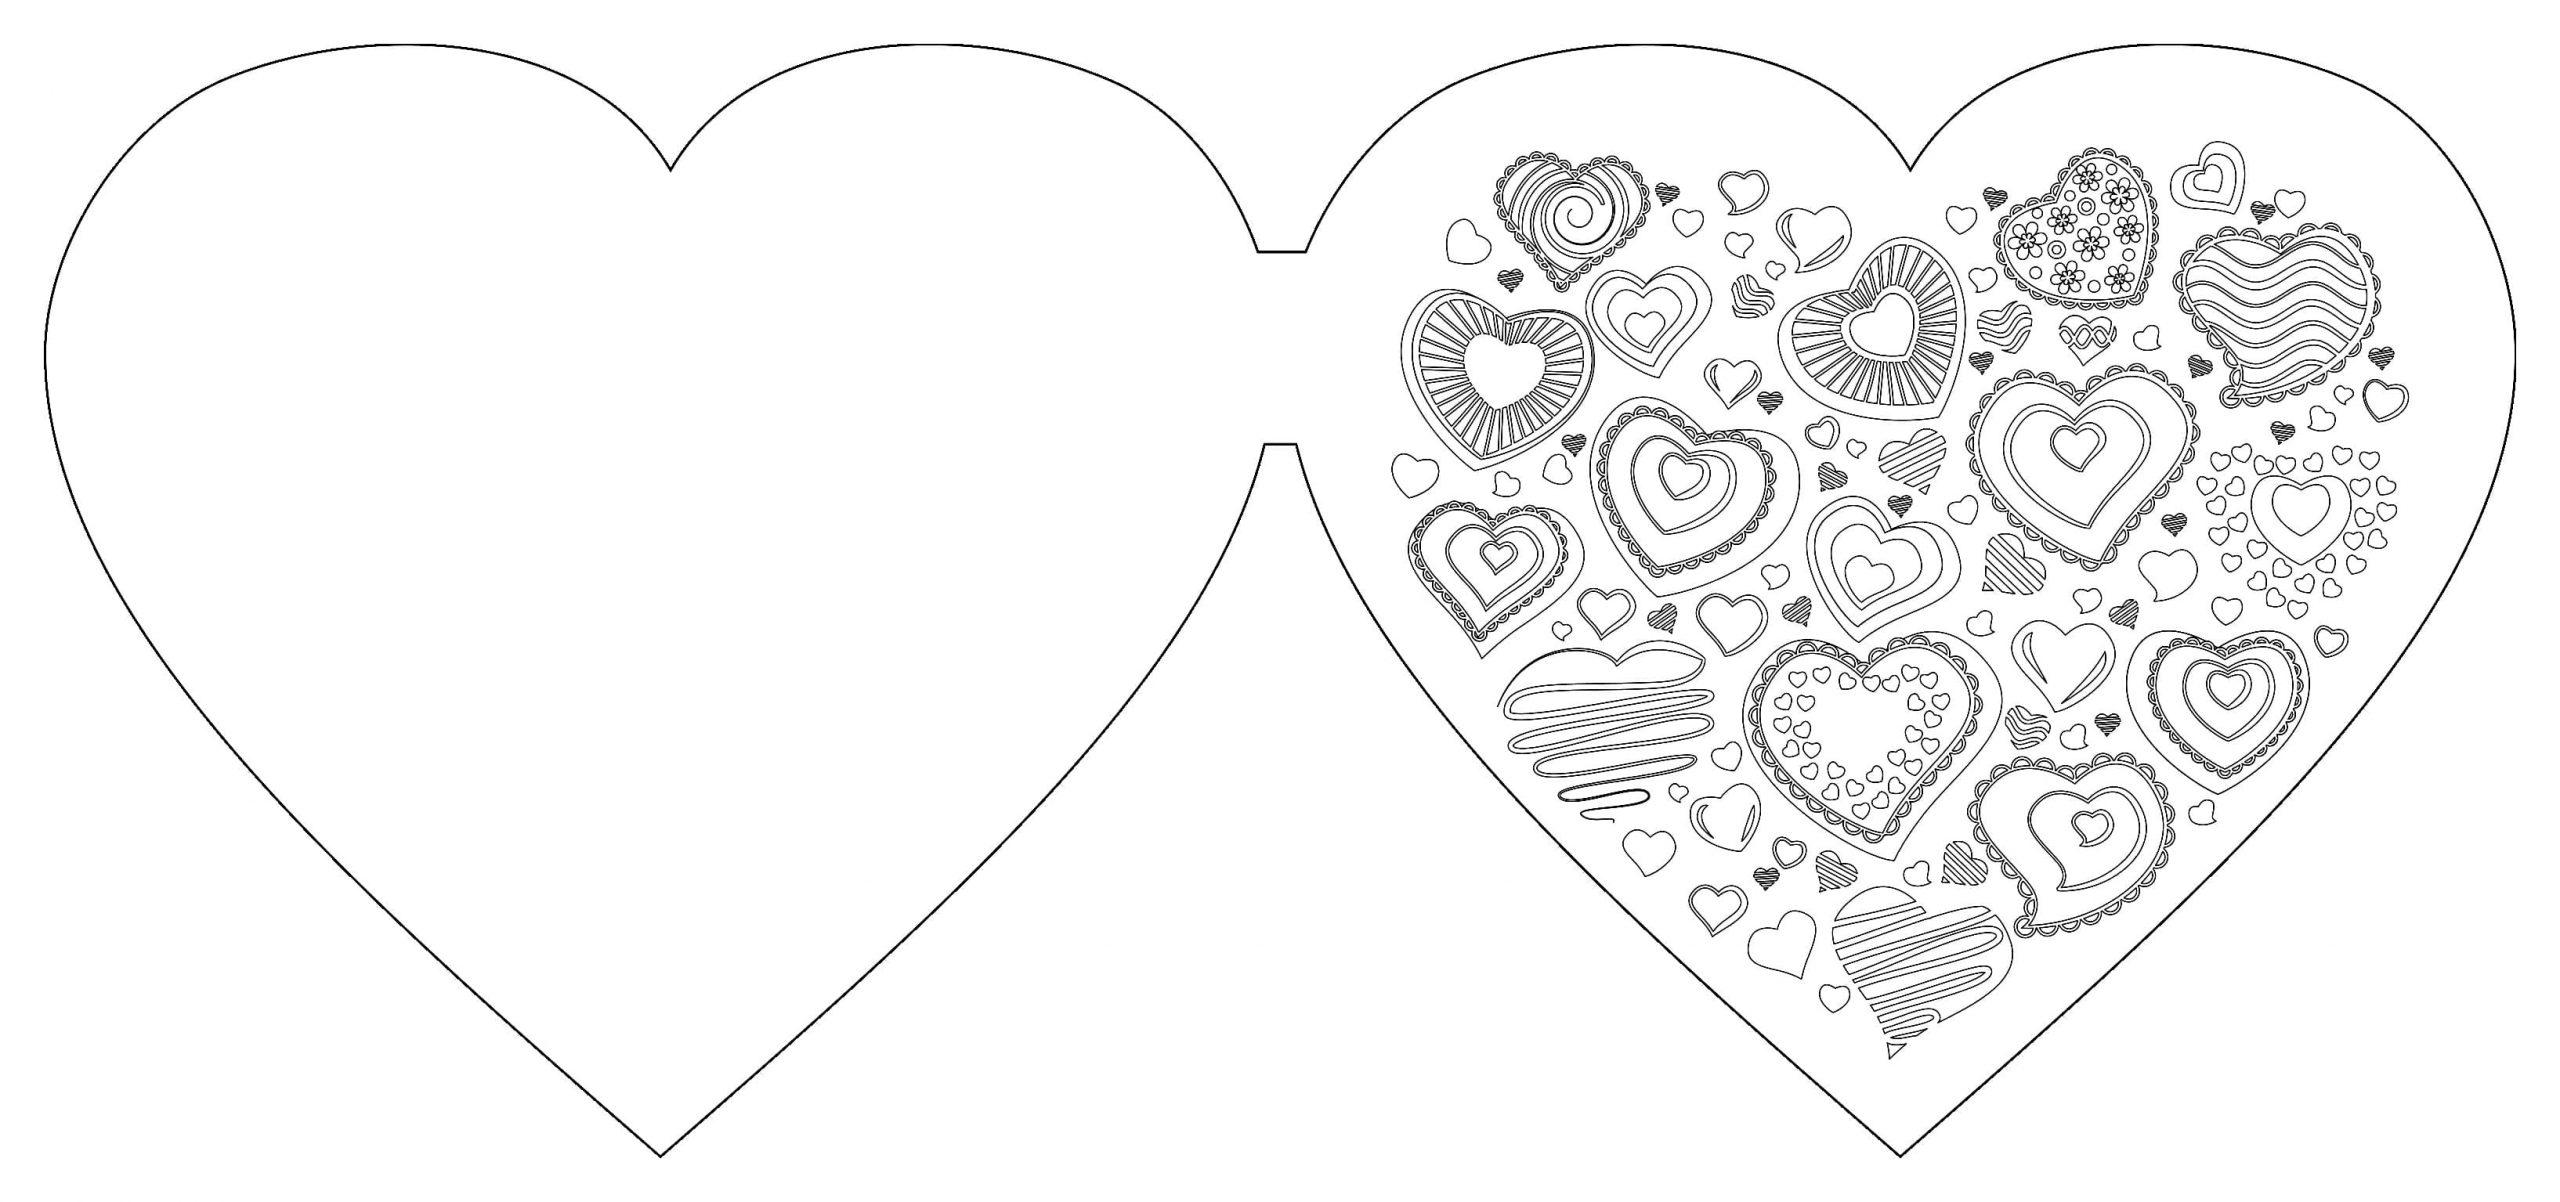 Ausmalbilder Herz. Kostenlos Herunterladen Oder Ausdrucken verwandt mit Malvorlage Herz